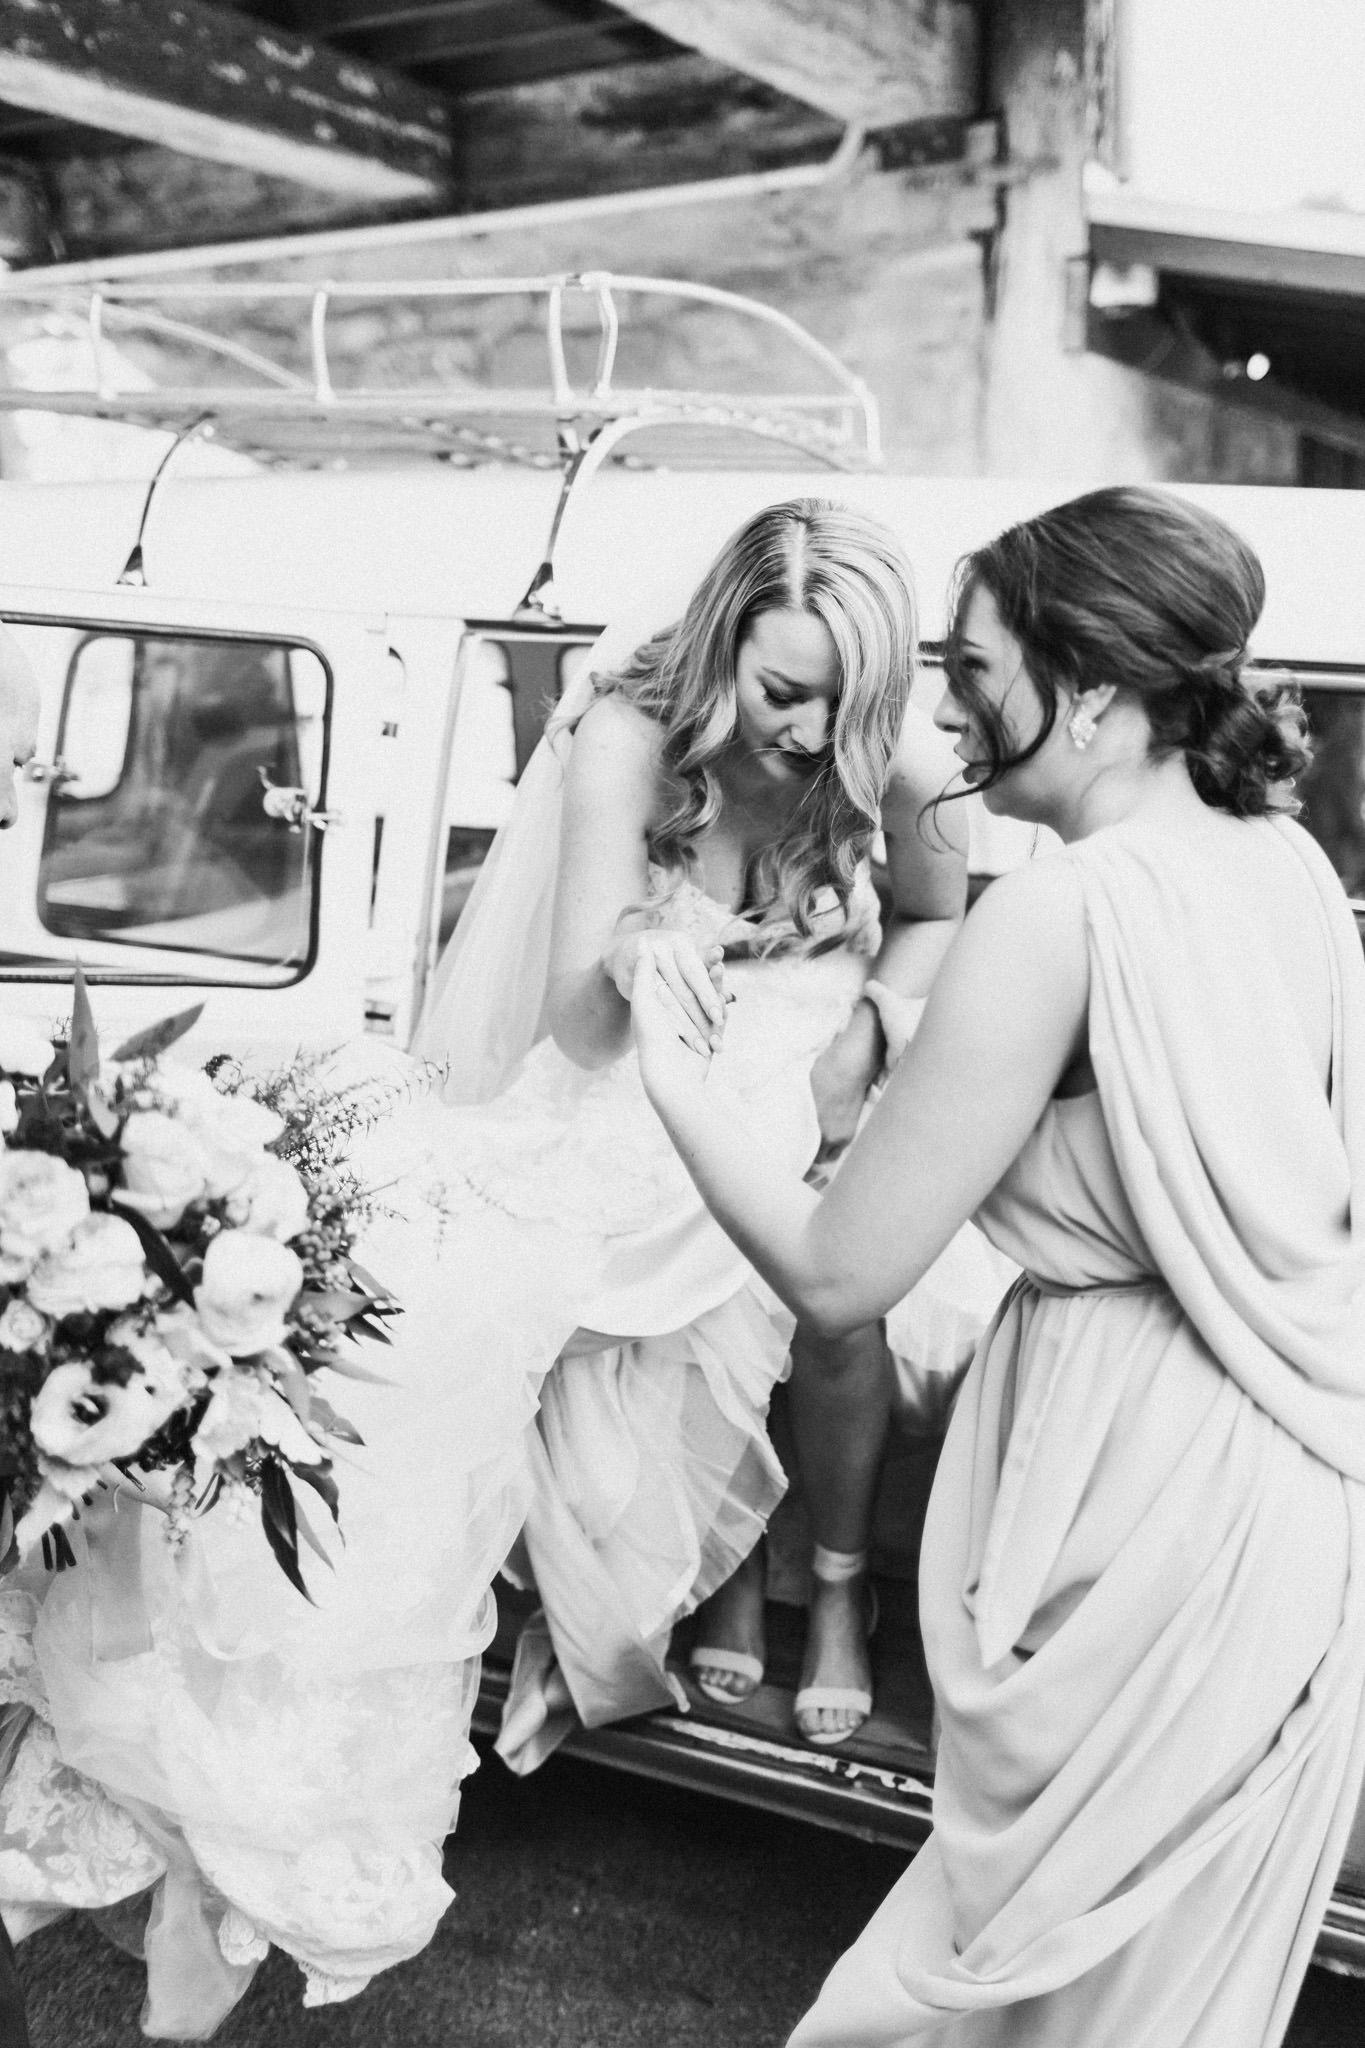 WeddingPhotos_Facebook_2048pixels-1030.jpg